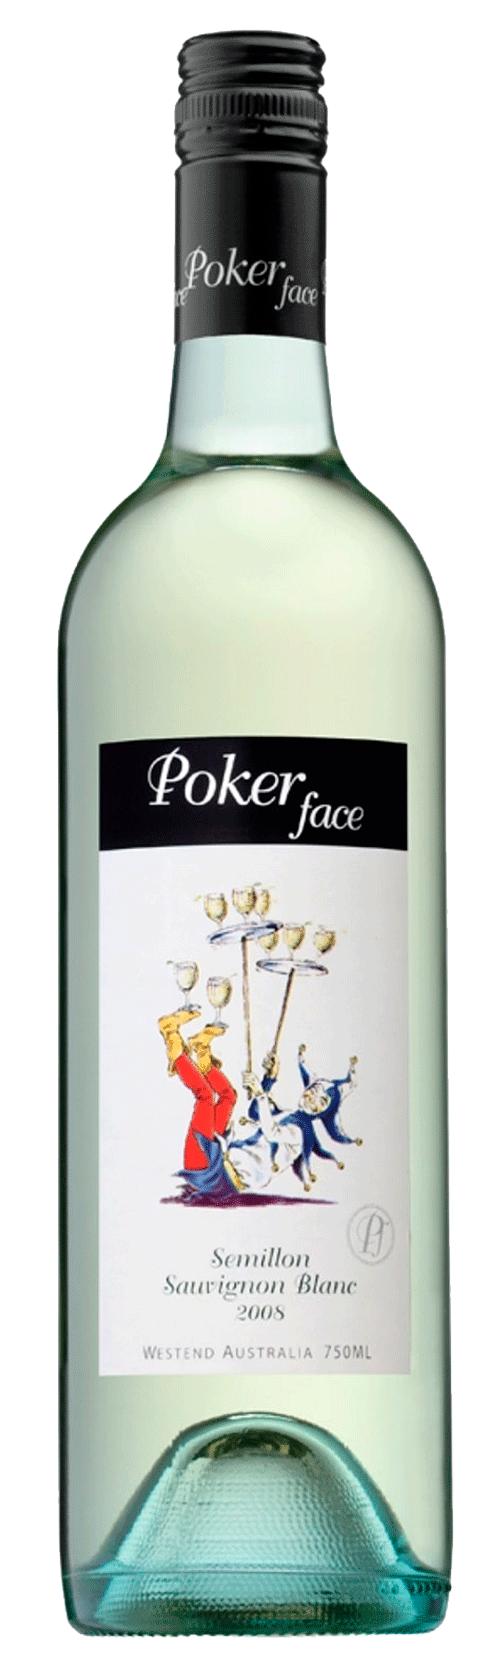 Poker Face Semillon Sauvignon Blanc 2018